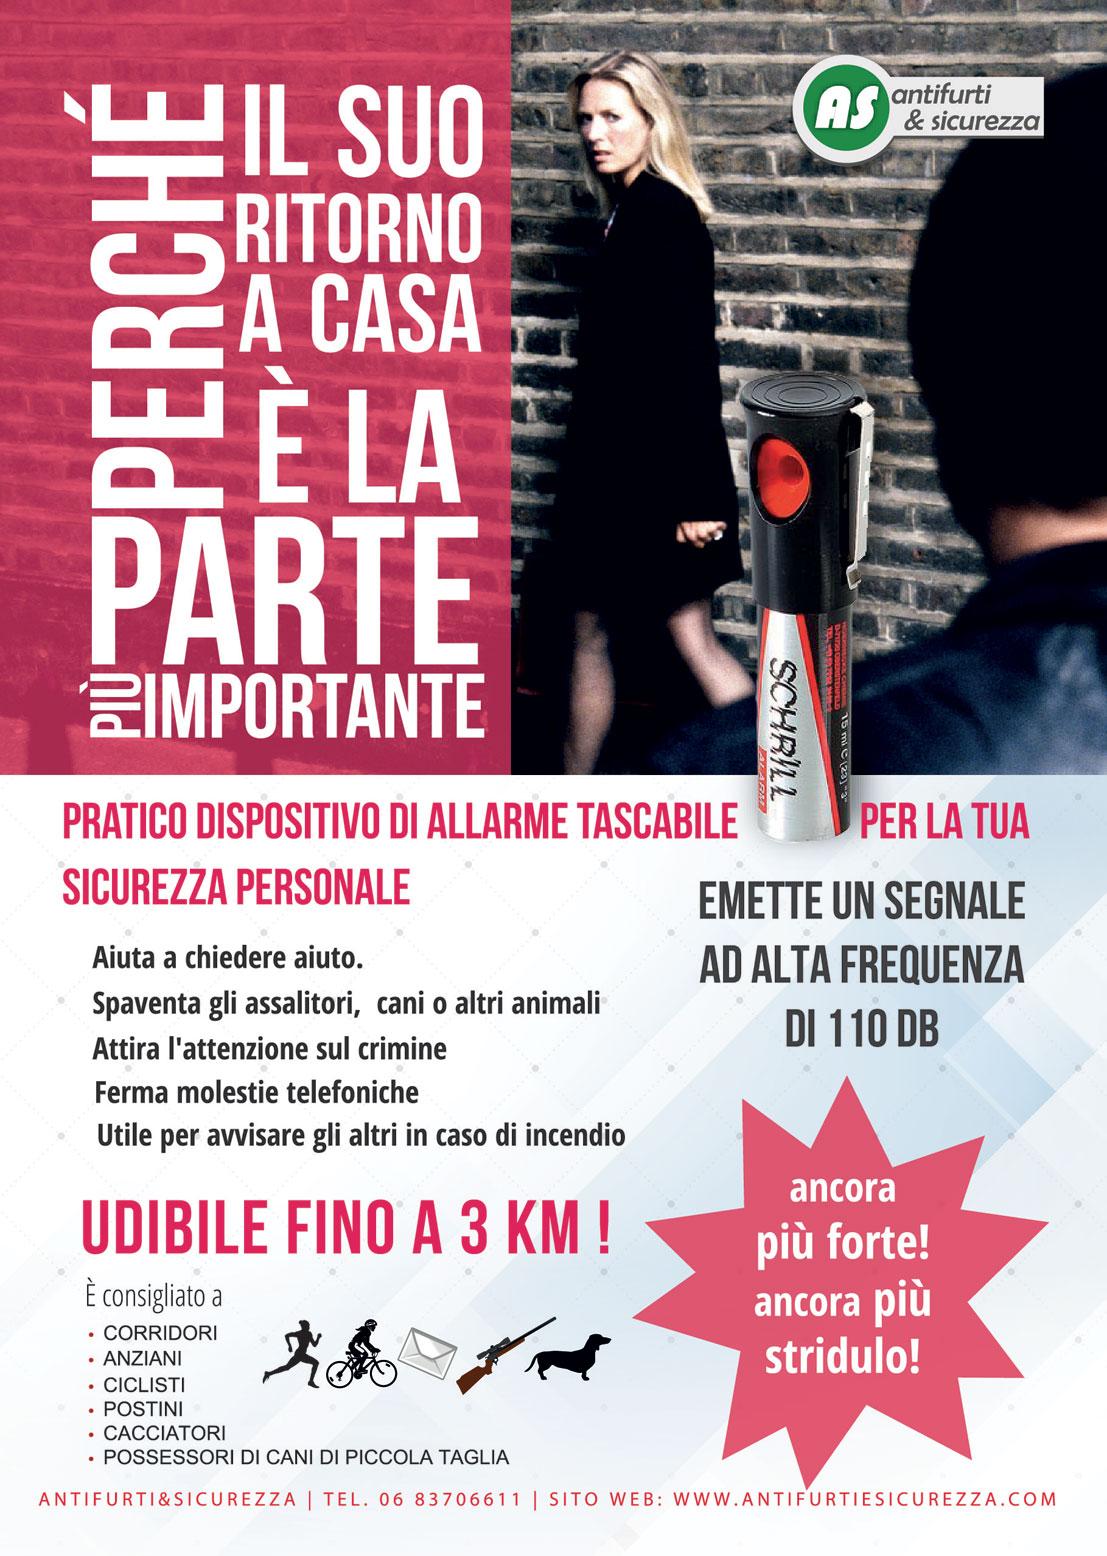 Sirena e spray antiaggressione - Antifurti&Sicurezza Roma